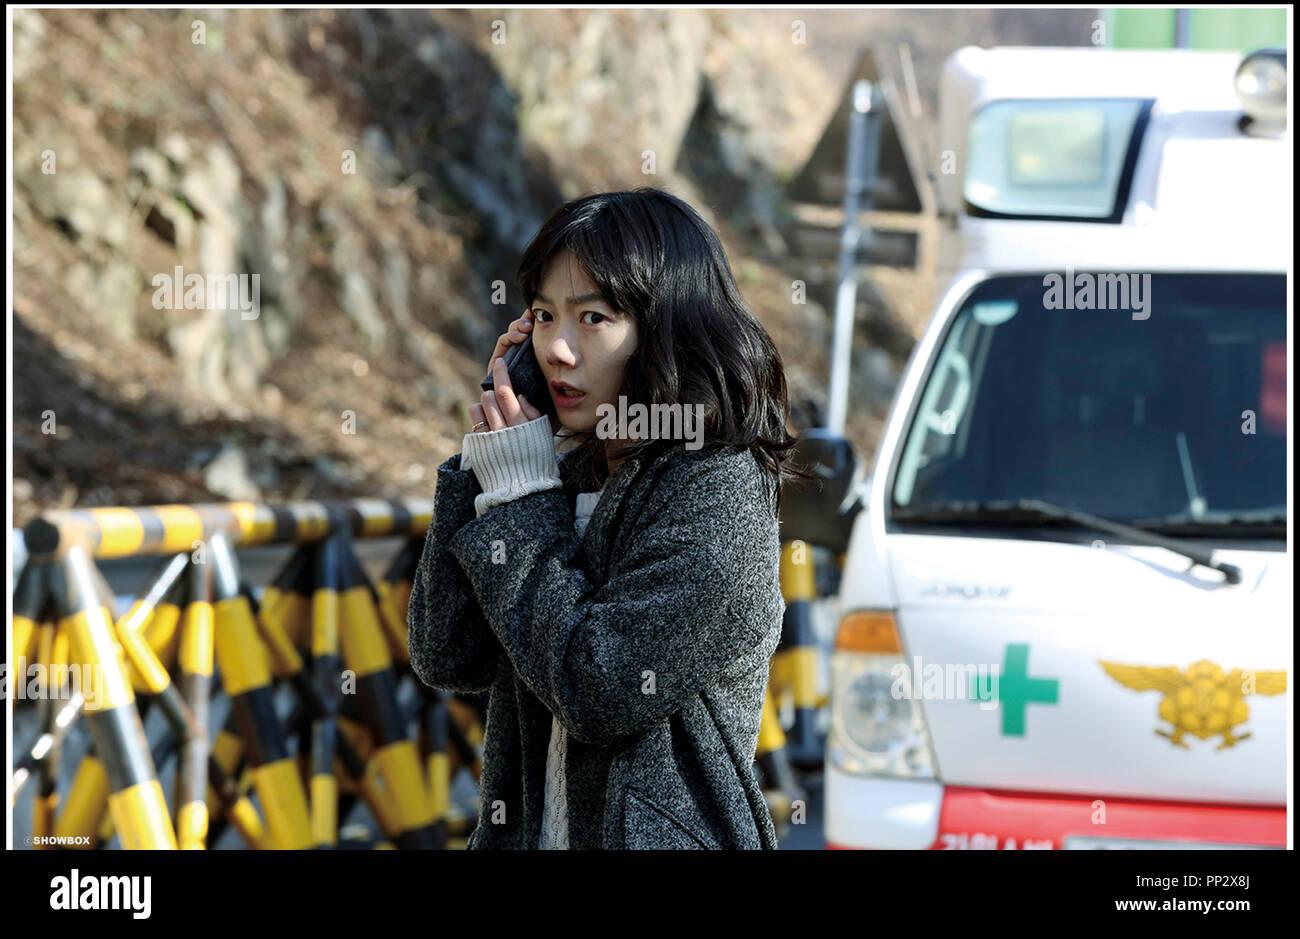 Shin ha kyun and bae doona dating simulator